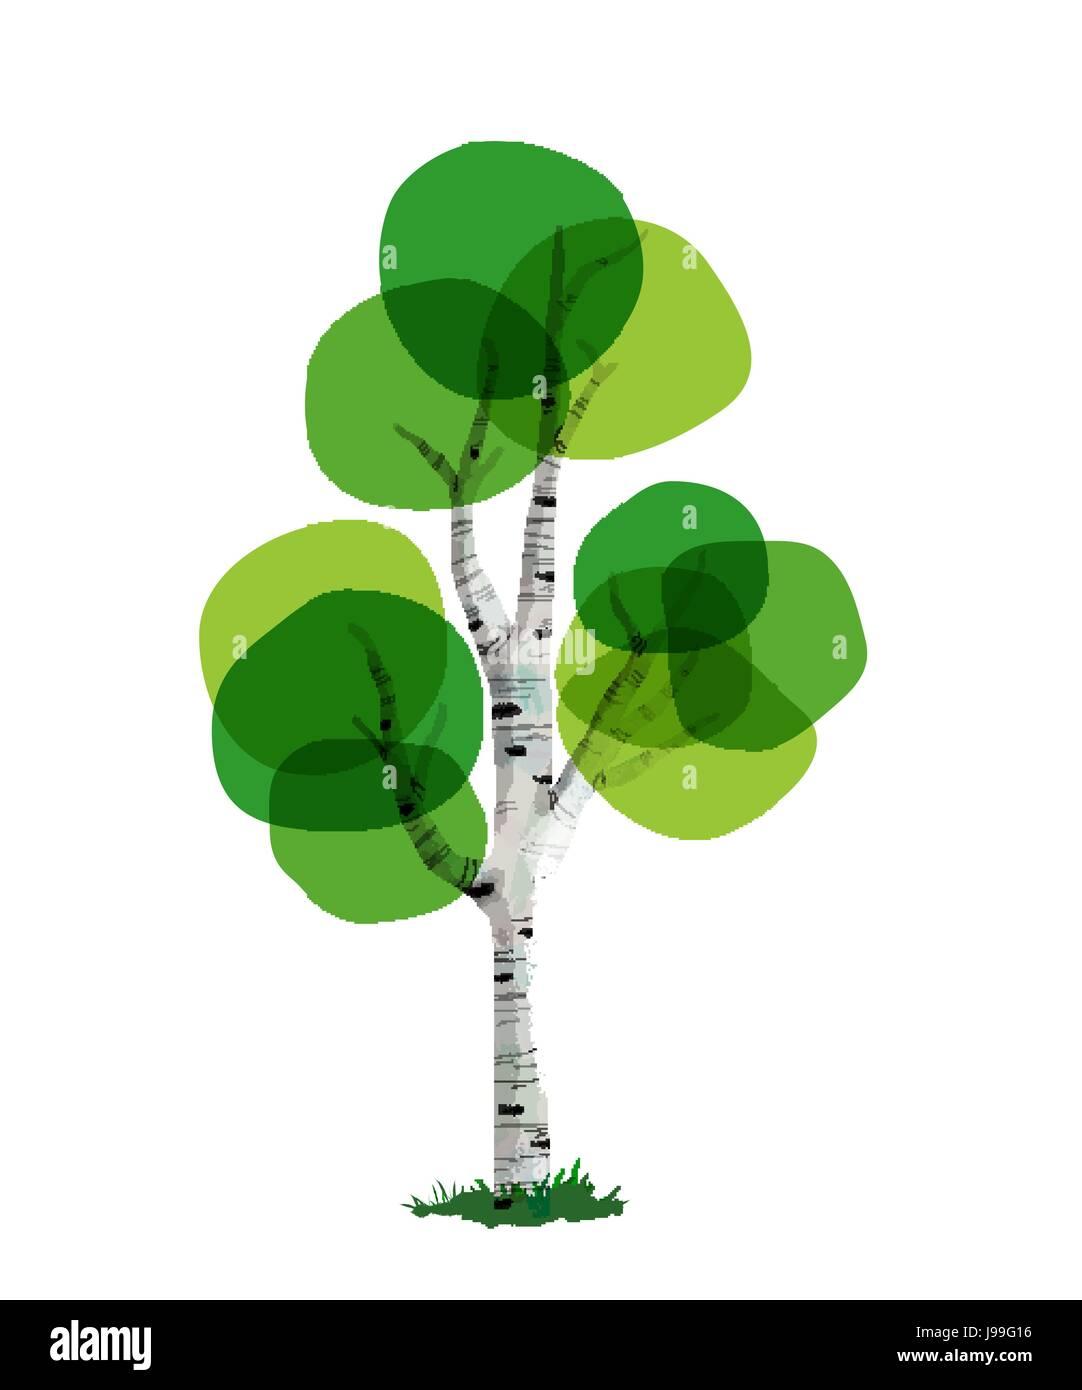 Stammbaum Baum Vorlage